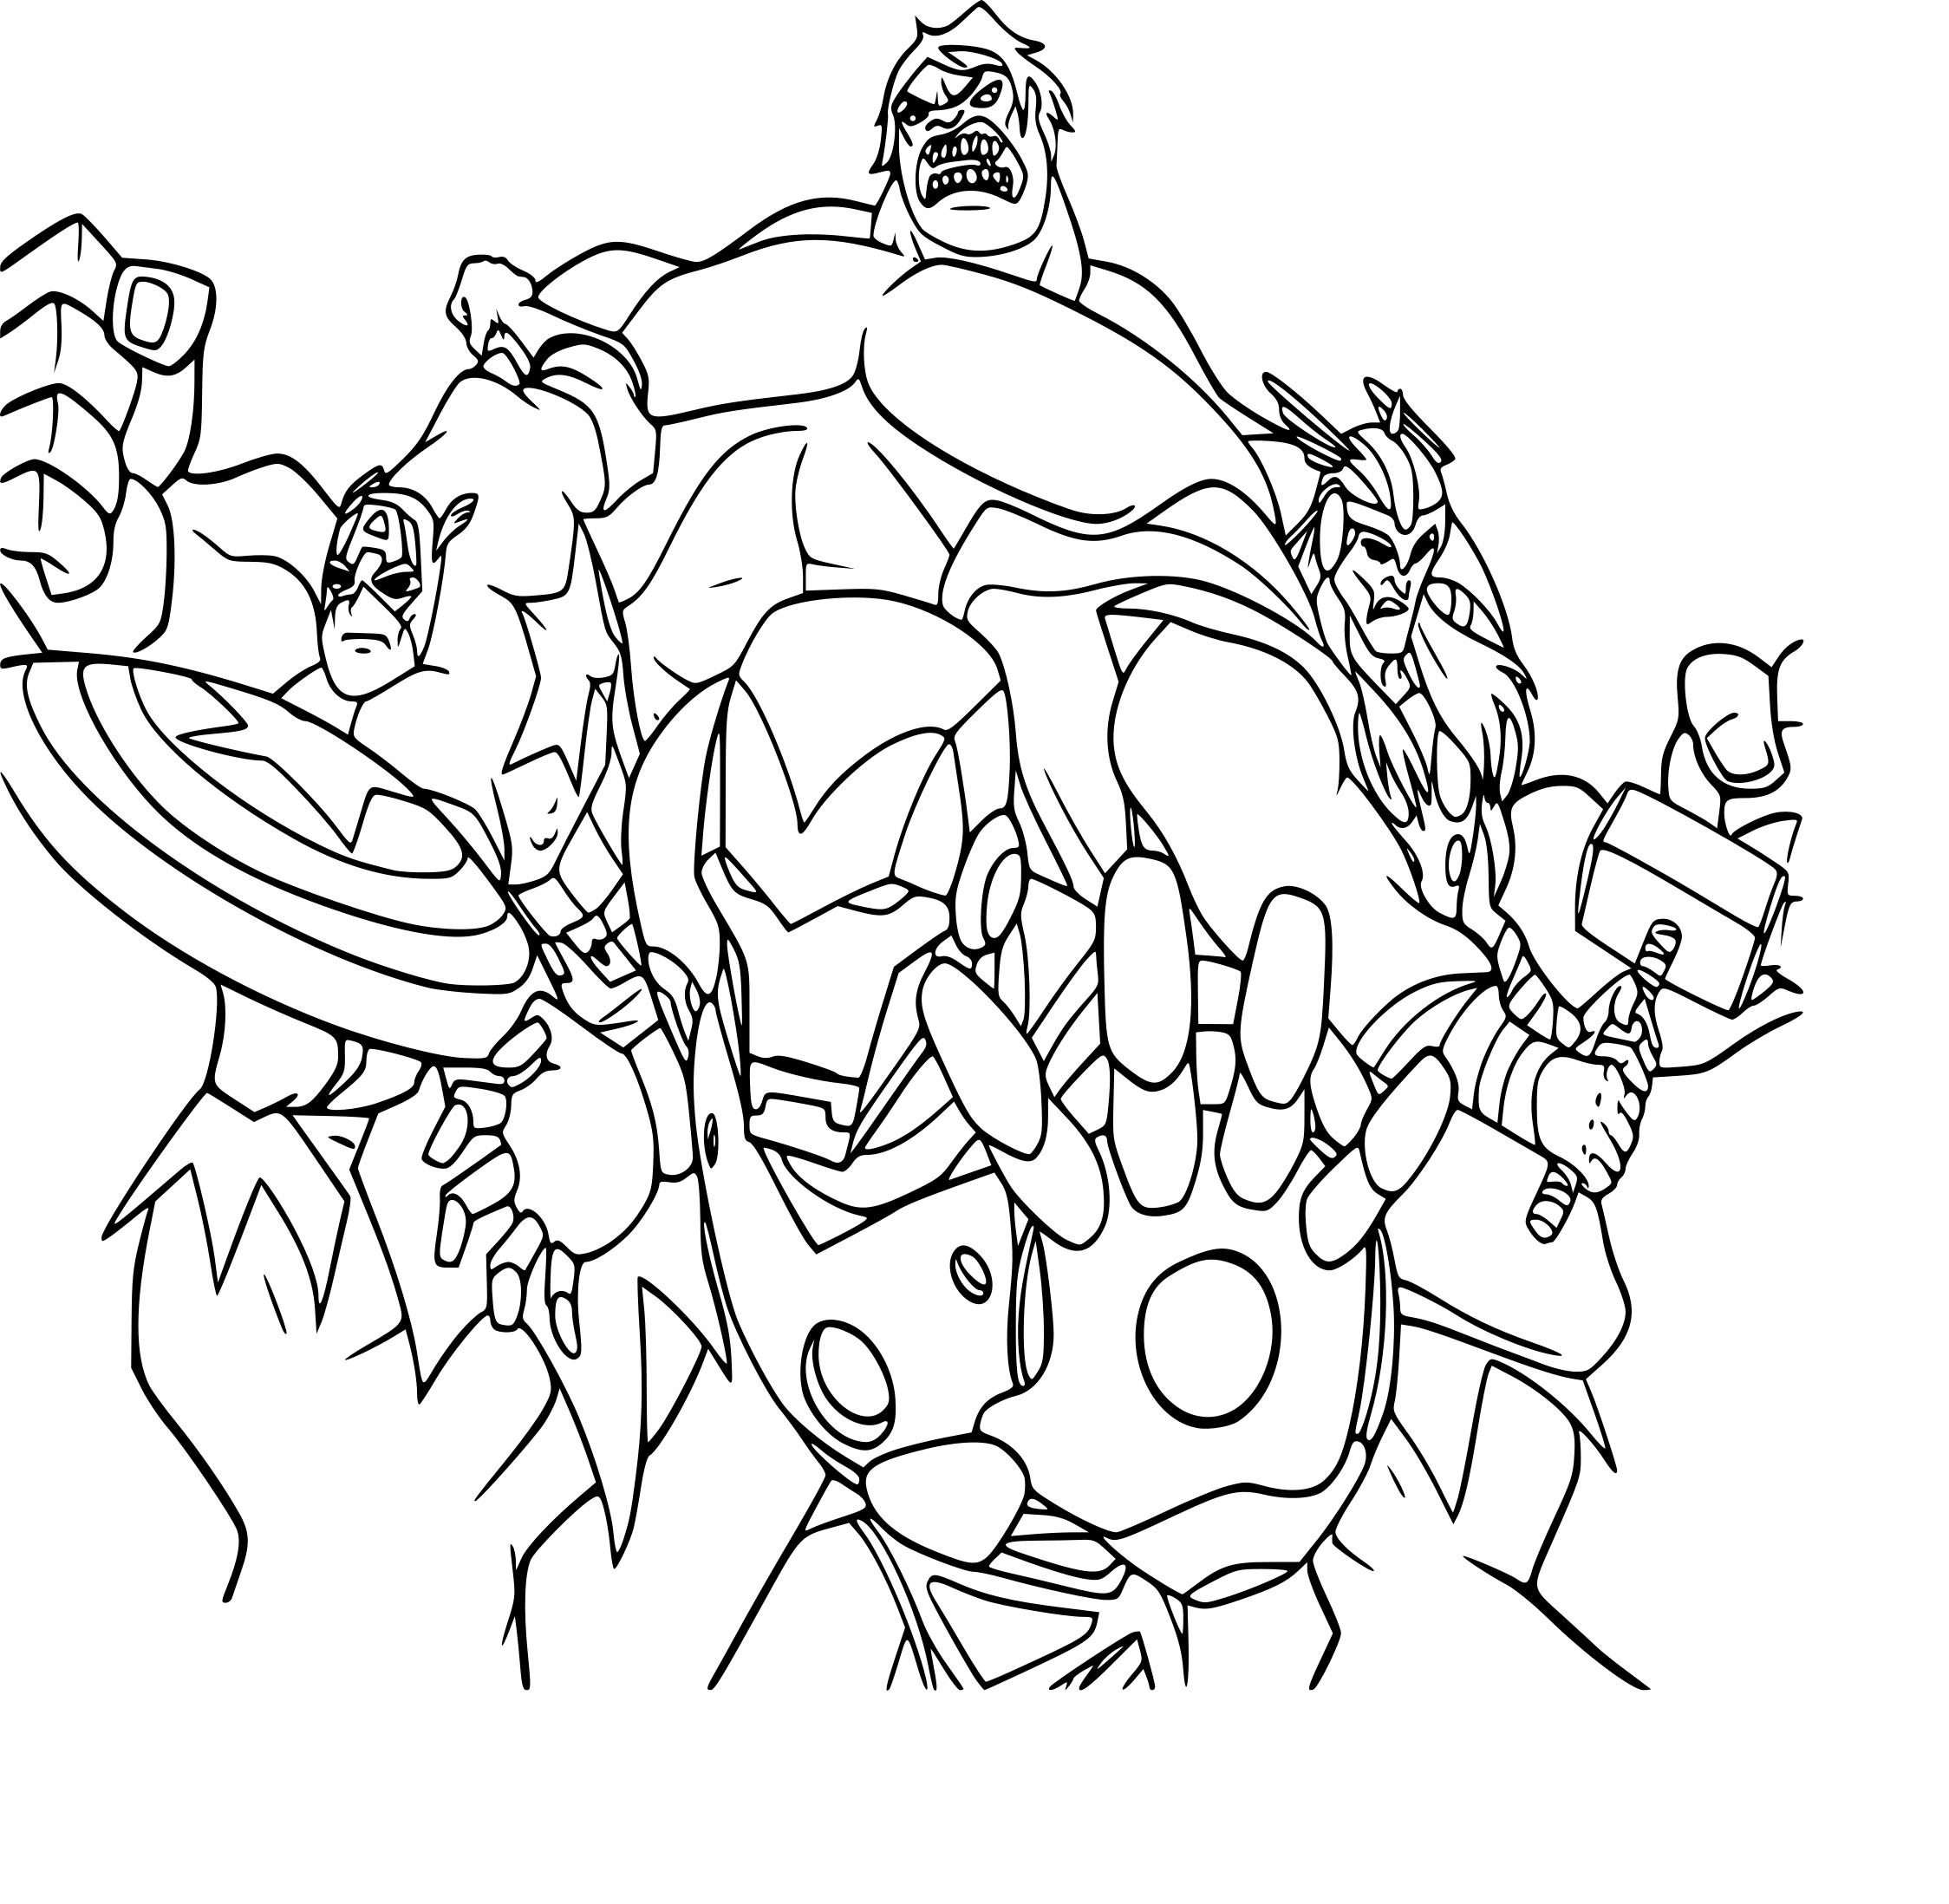 Coloriage Équipe Avengers À Imprimer concernant Dessin Des Avengers